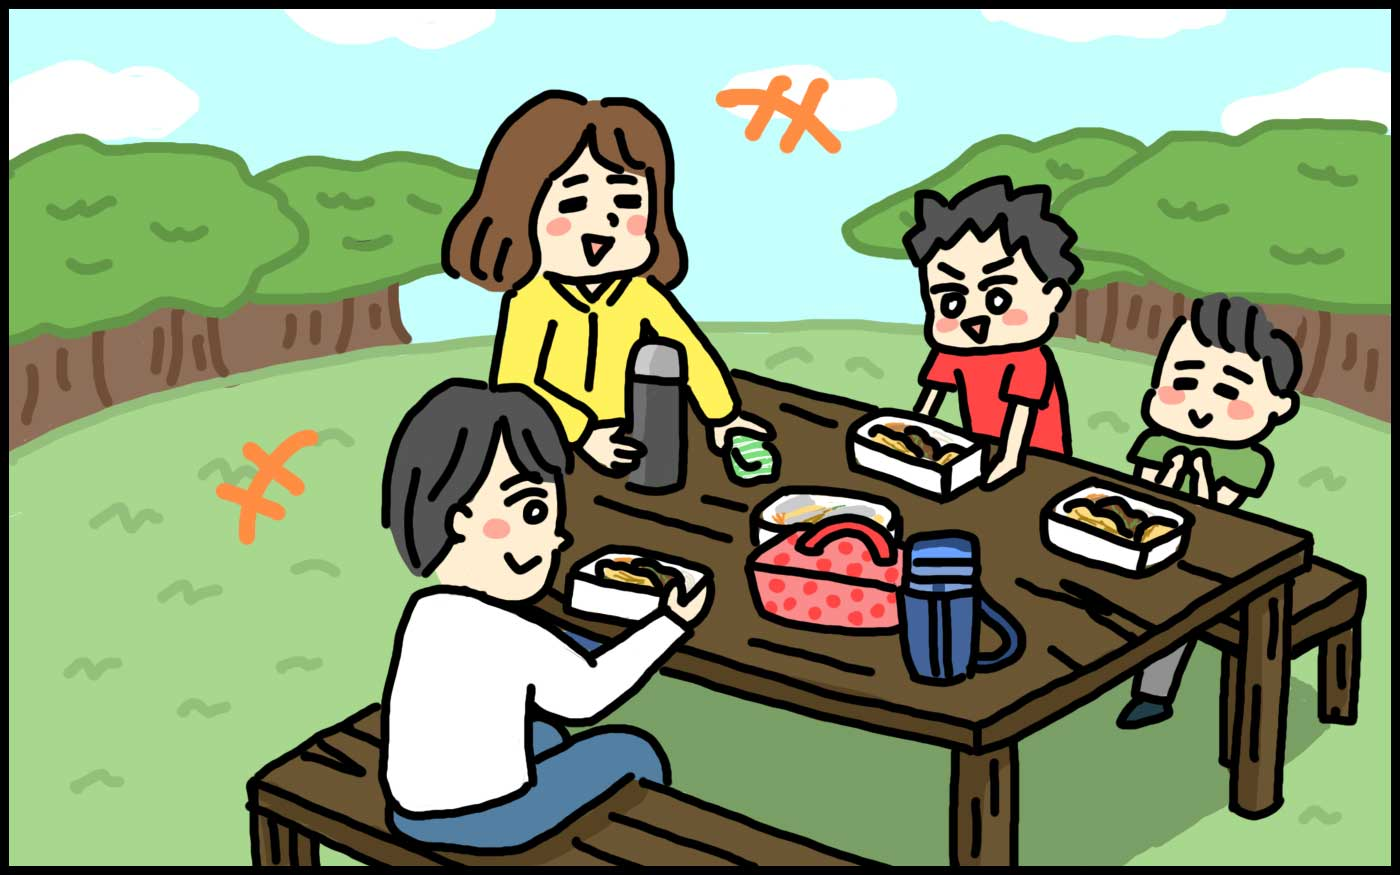 """いつでもどこでも""""もちもち・ちゅるるん""""。 持ち運びしやすい『丸亀うどん弁当』が家族みんなの救世主に!"""